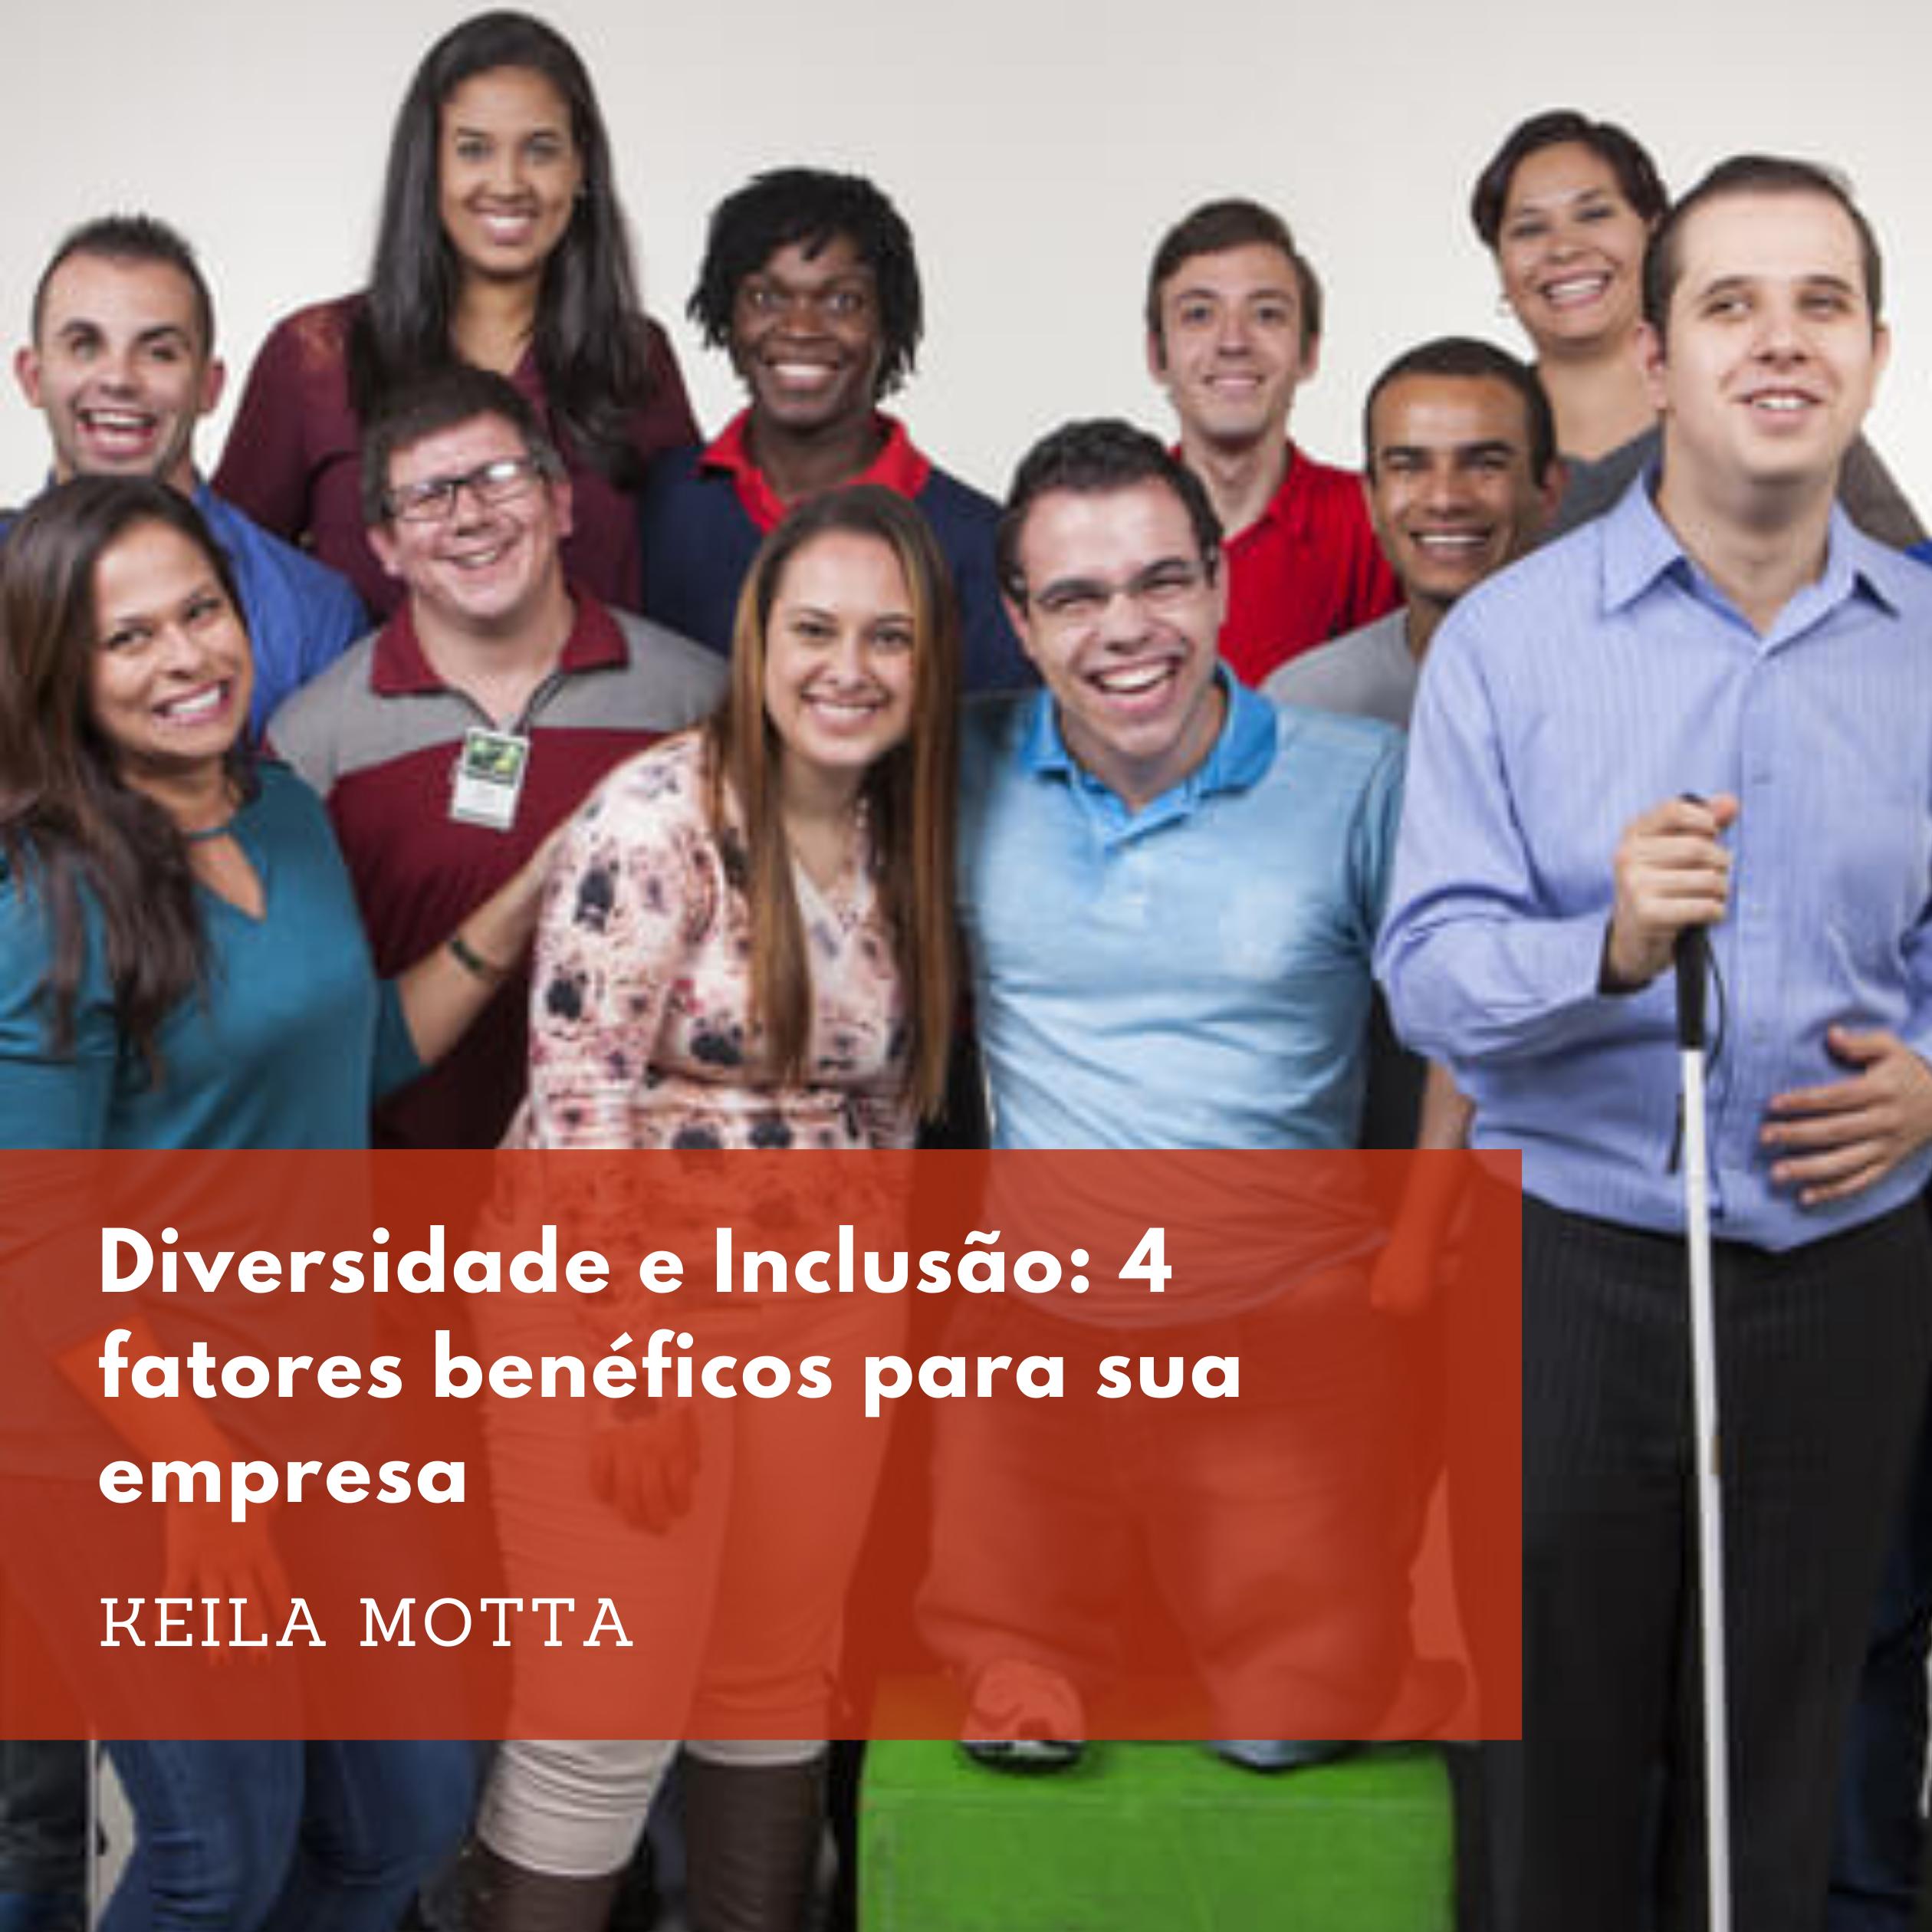 Imagem sobre Diversidade e Inclusão: 4 fatores benéficos para sua empresa